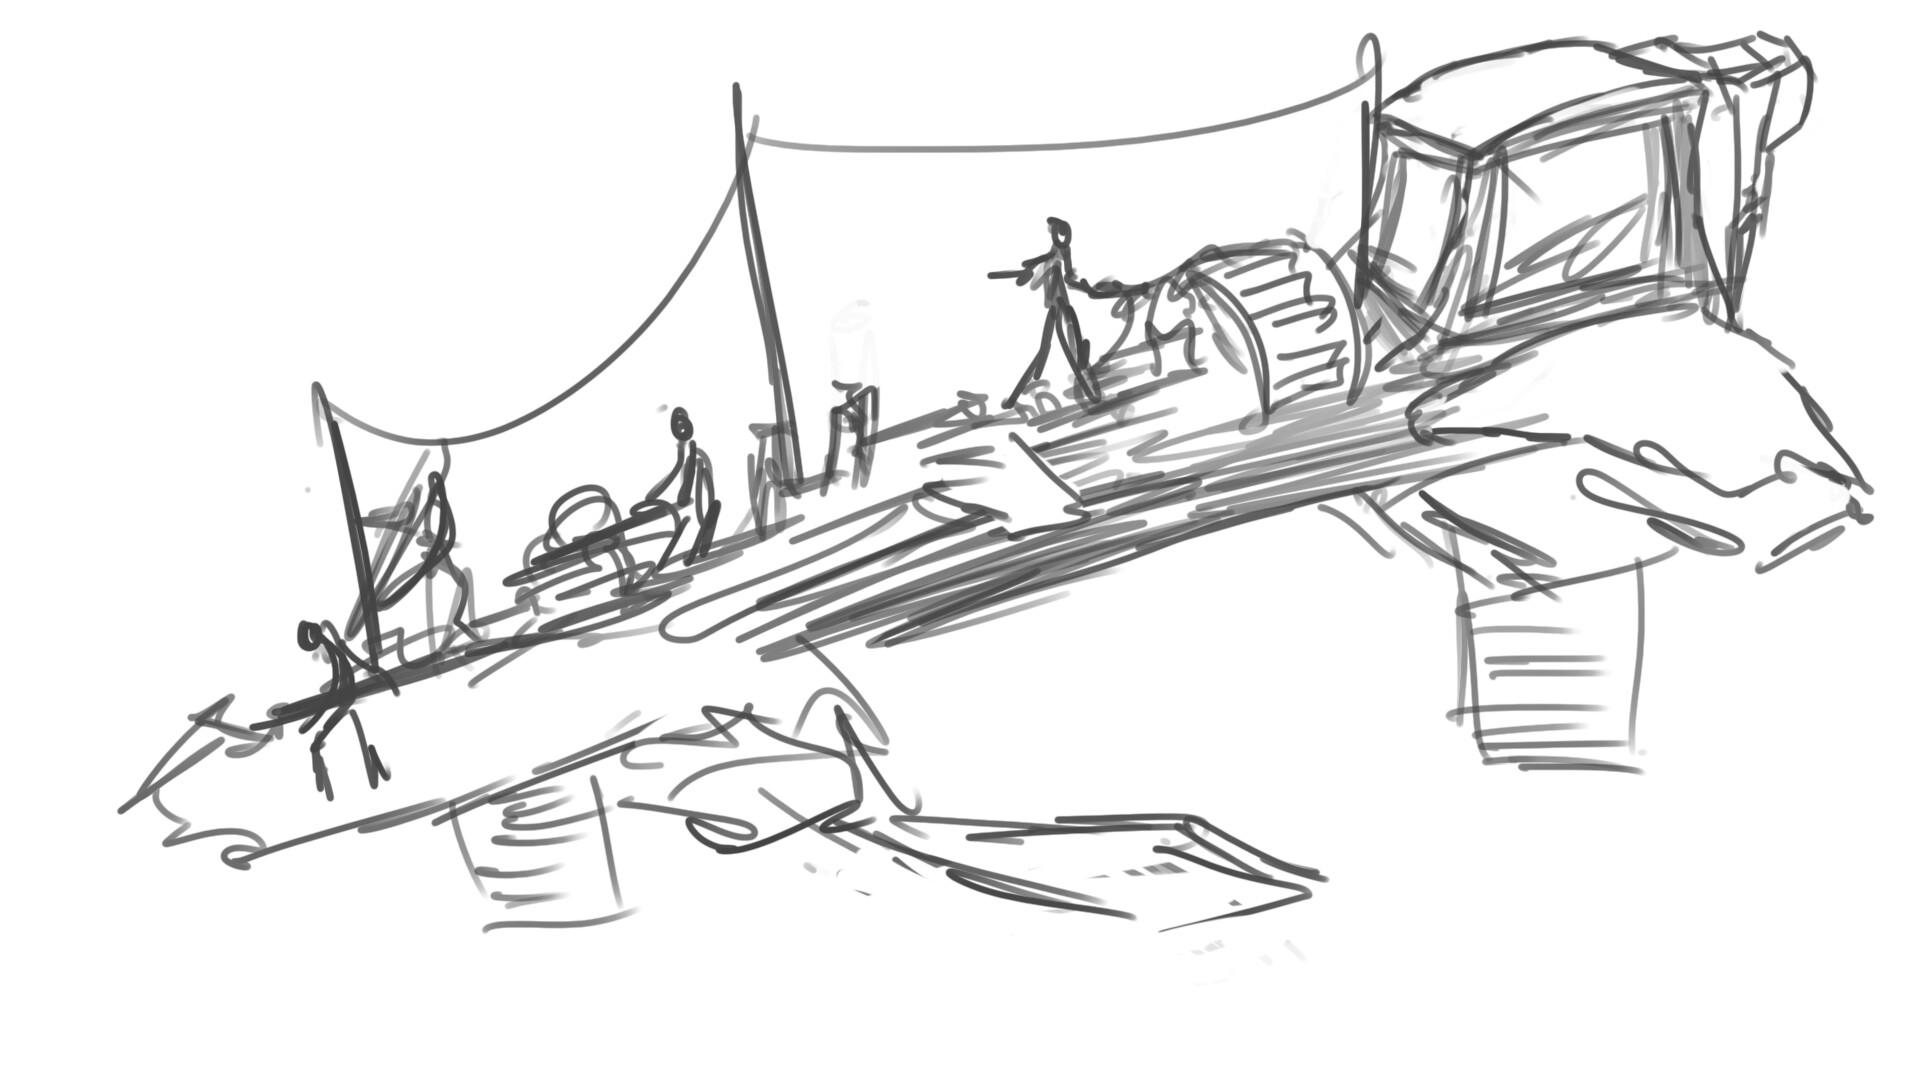 Alexander laheij drawing11 08